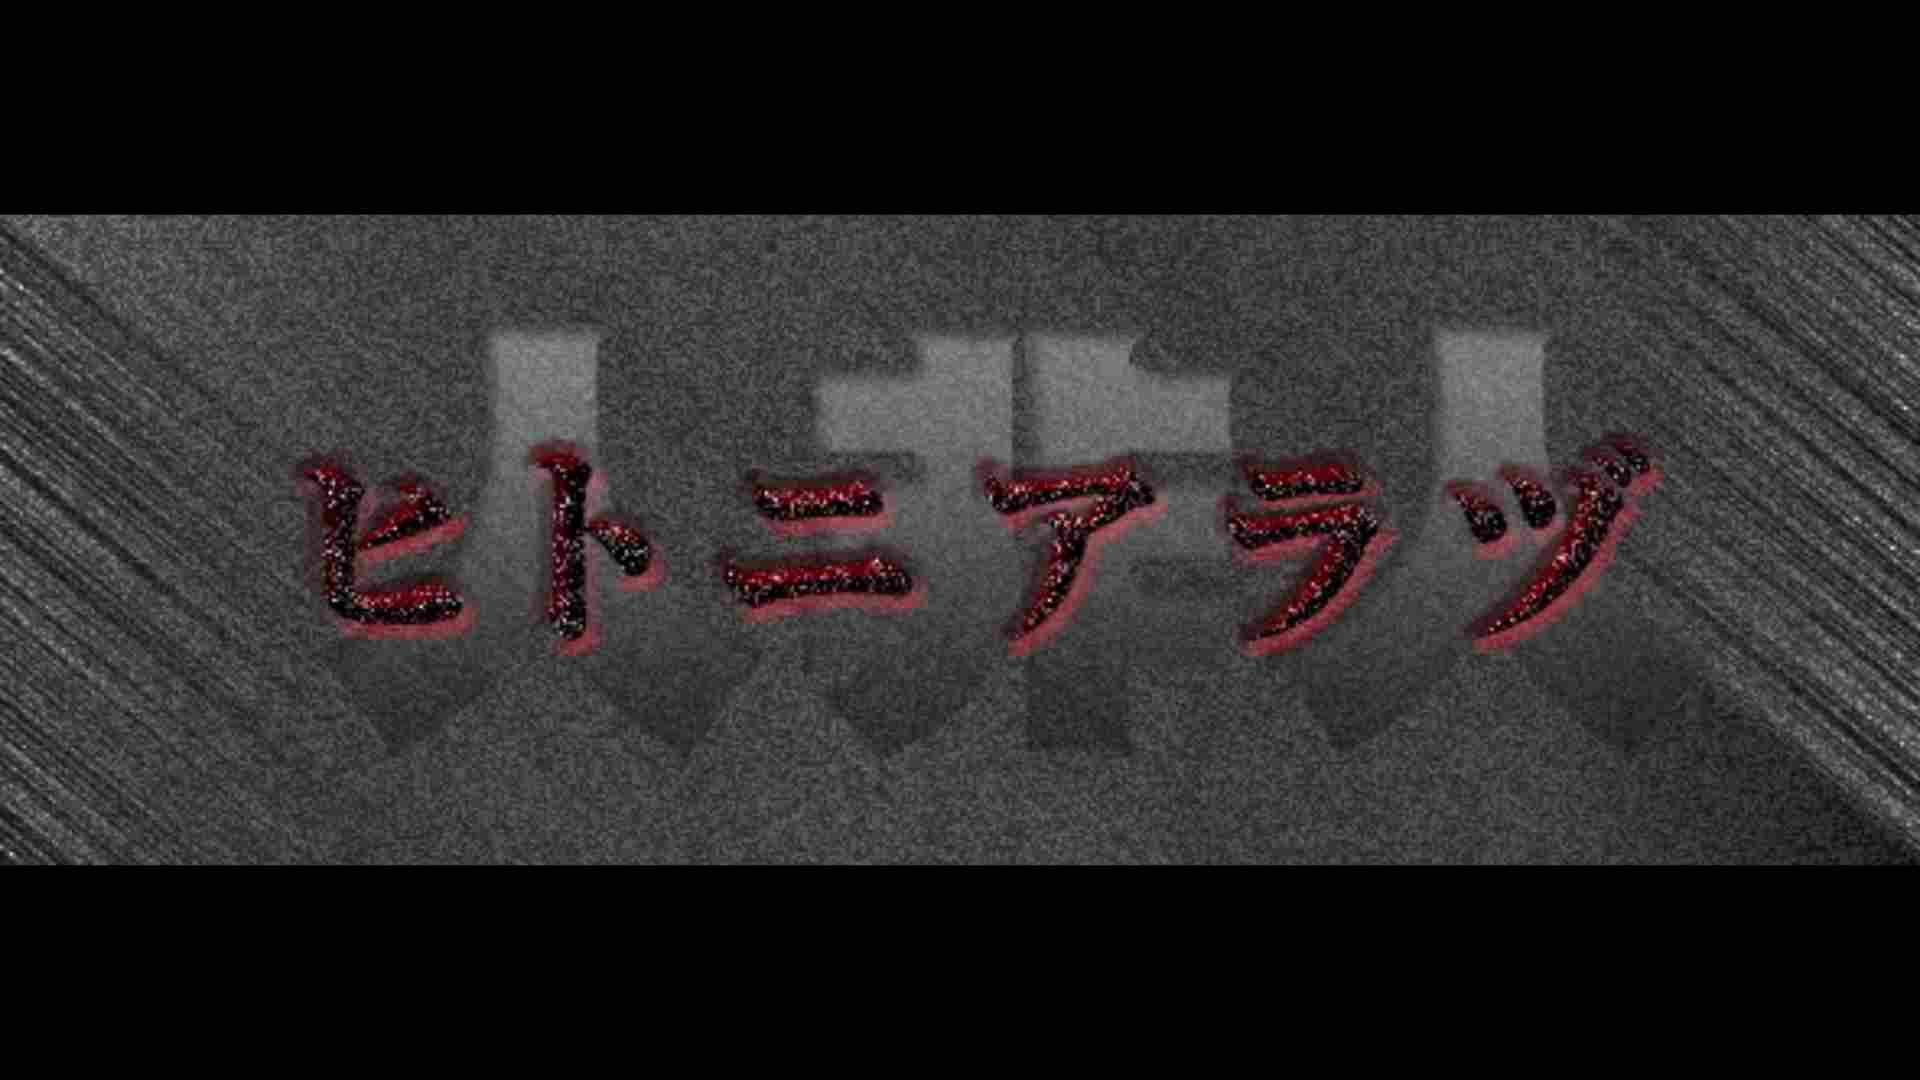 ヒトニアラヅNo.02 姿と全体の流れを公開 ギャル  63pic 14